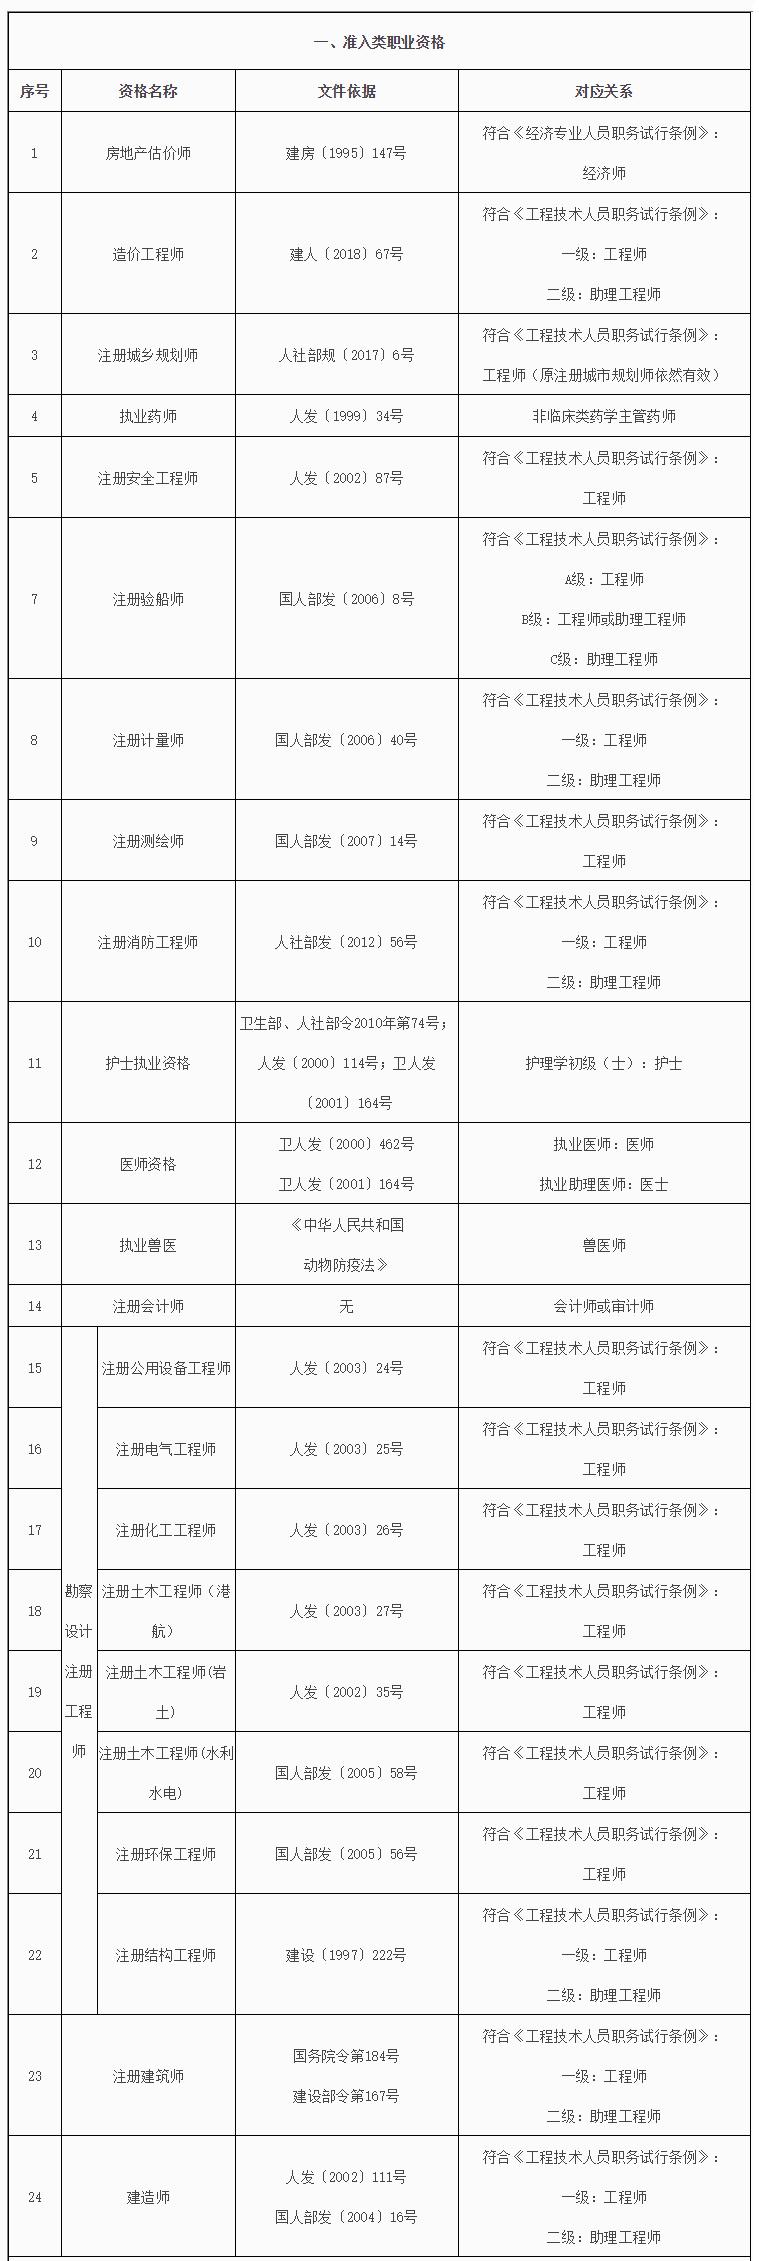 新疆部分职业资格与职称对应表1